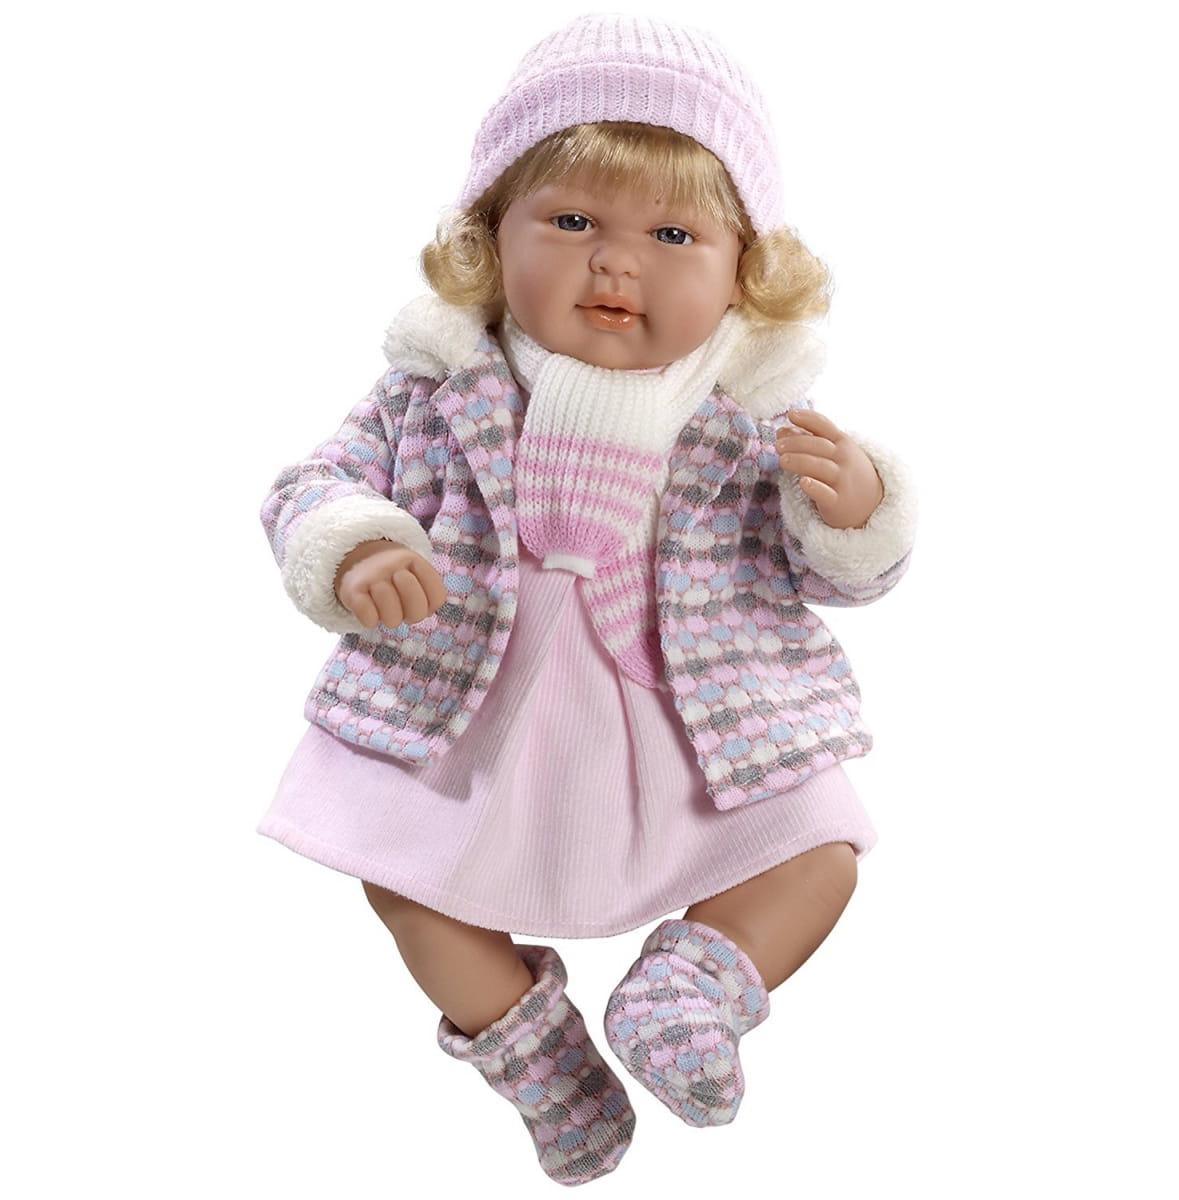 Пупс Arias Т59788 в теплой розовой курточке - 45 см